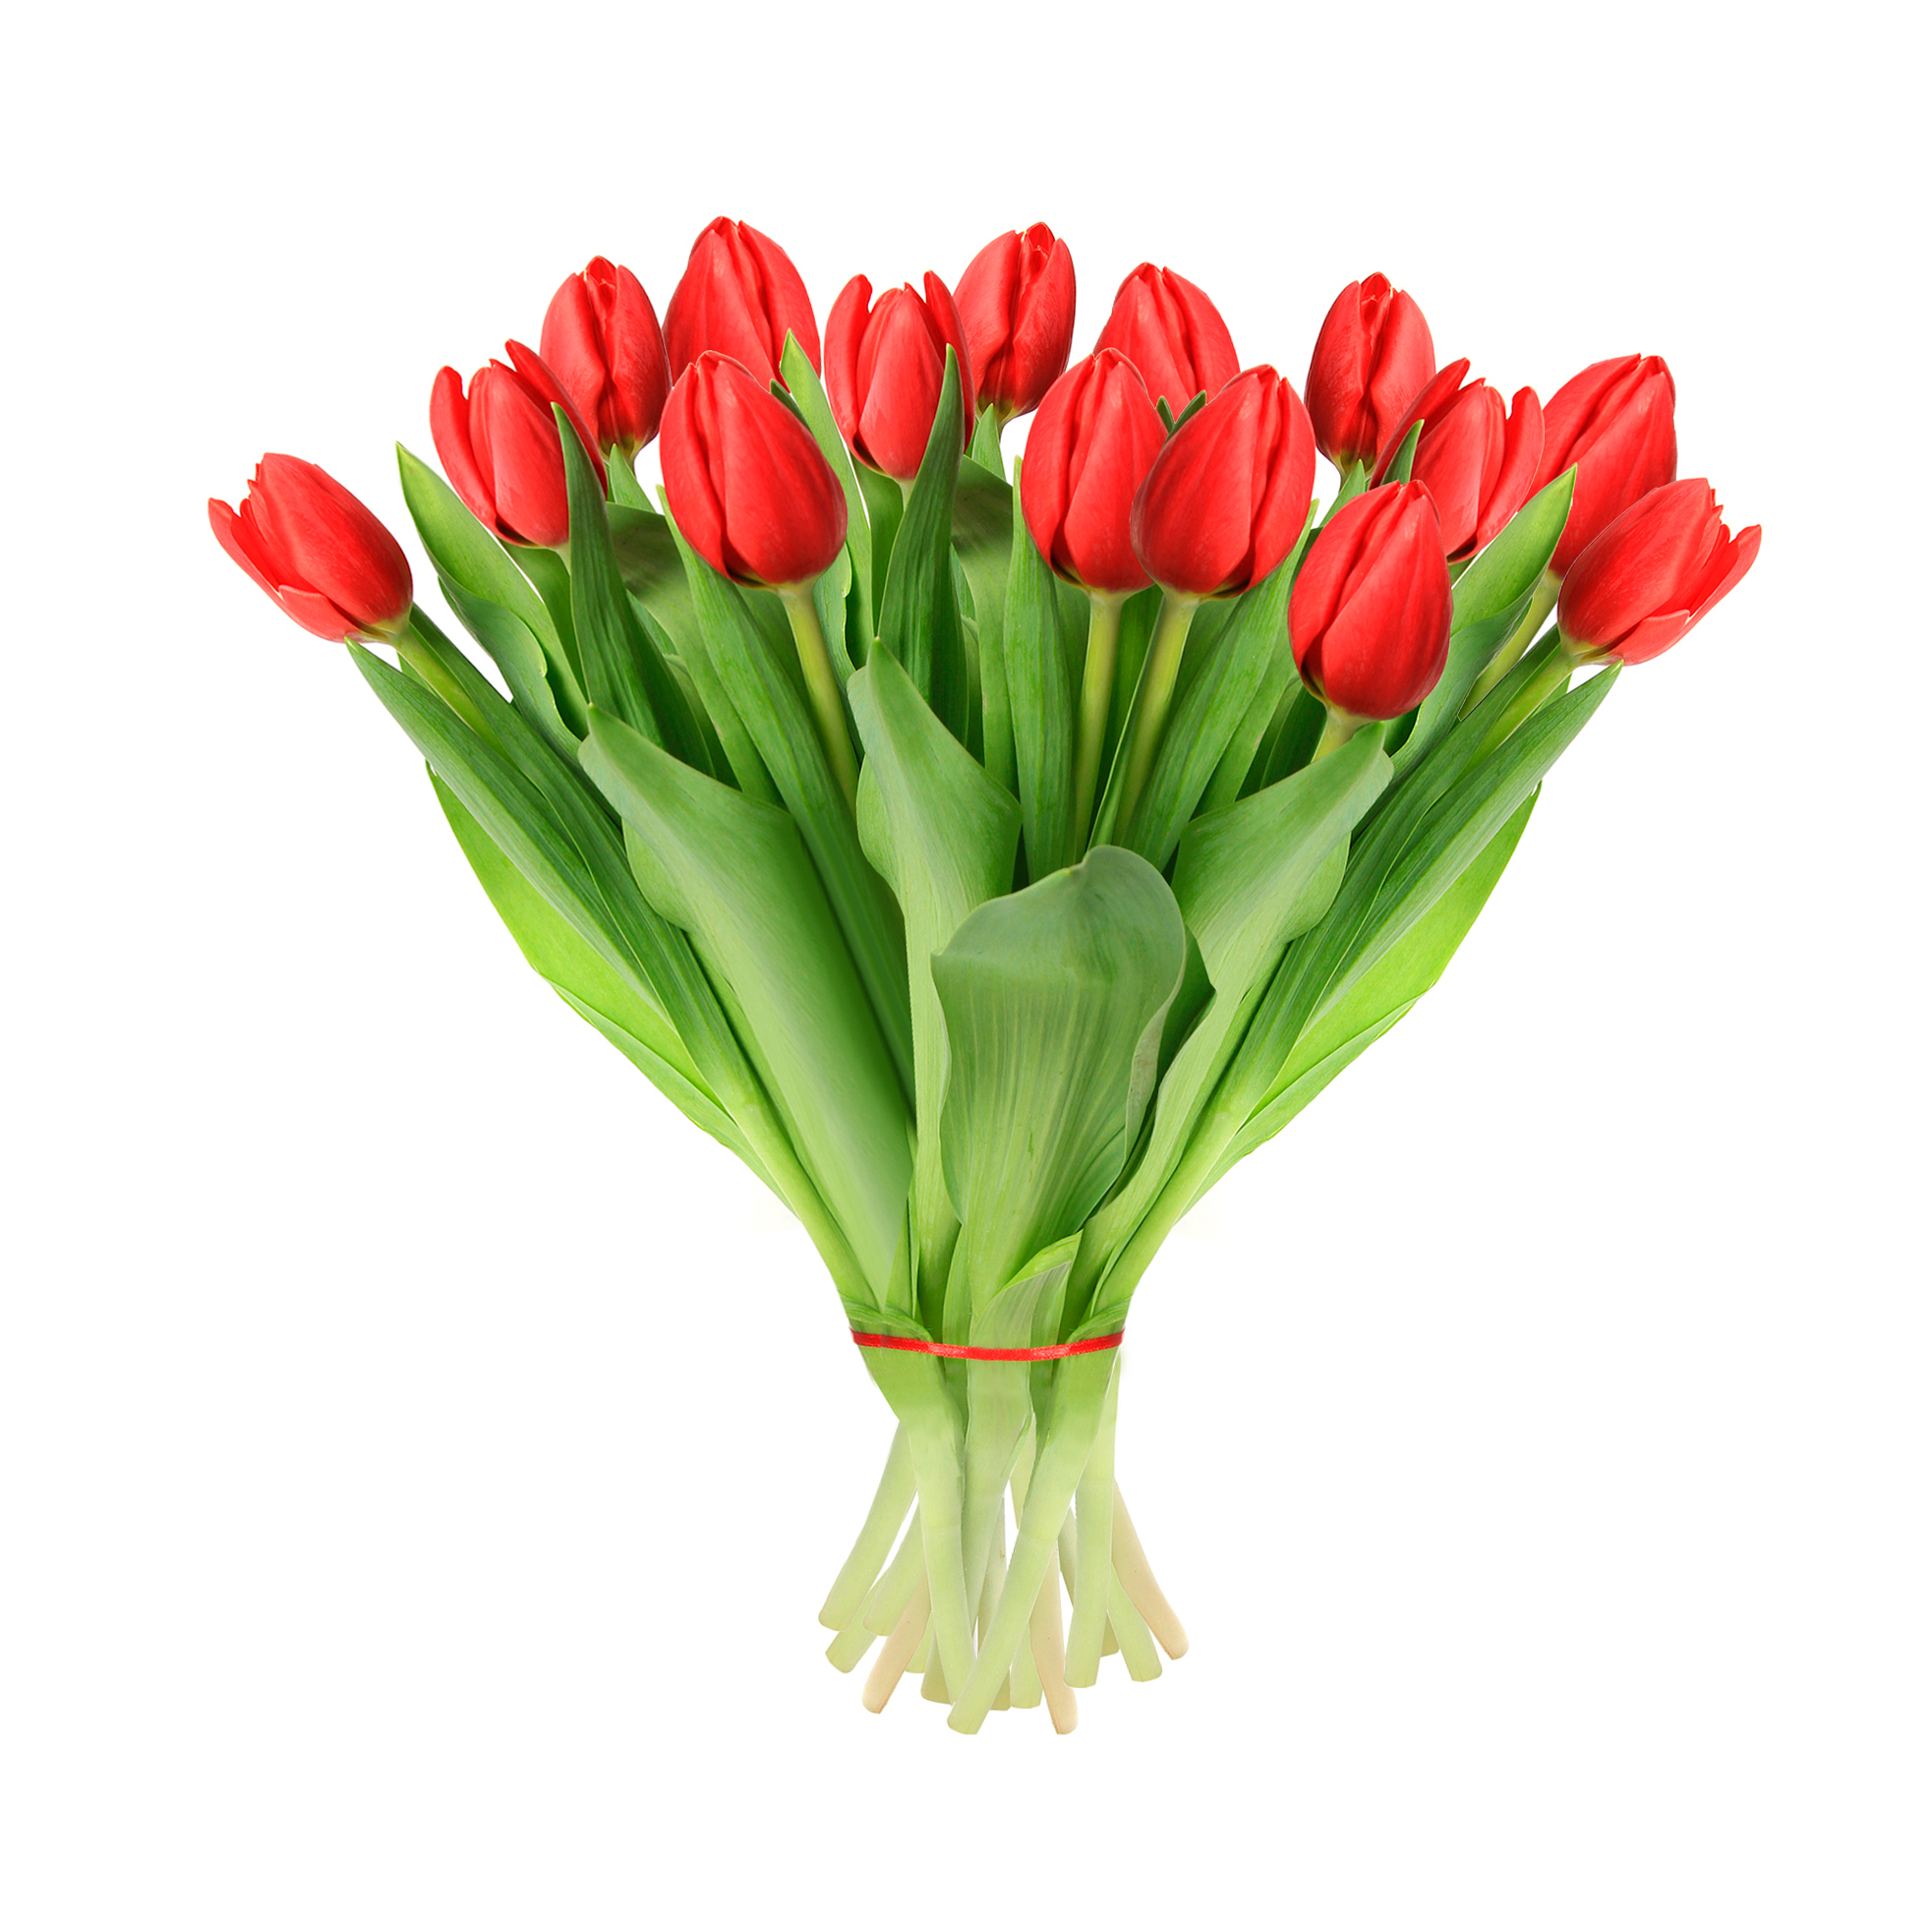 tulip-photo-152